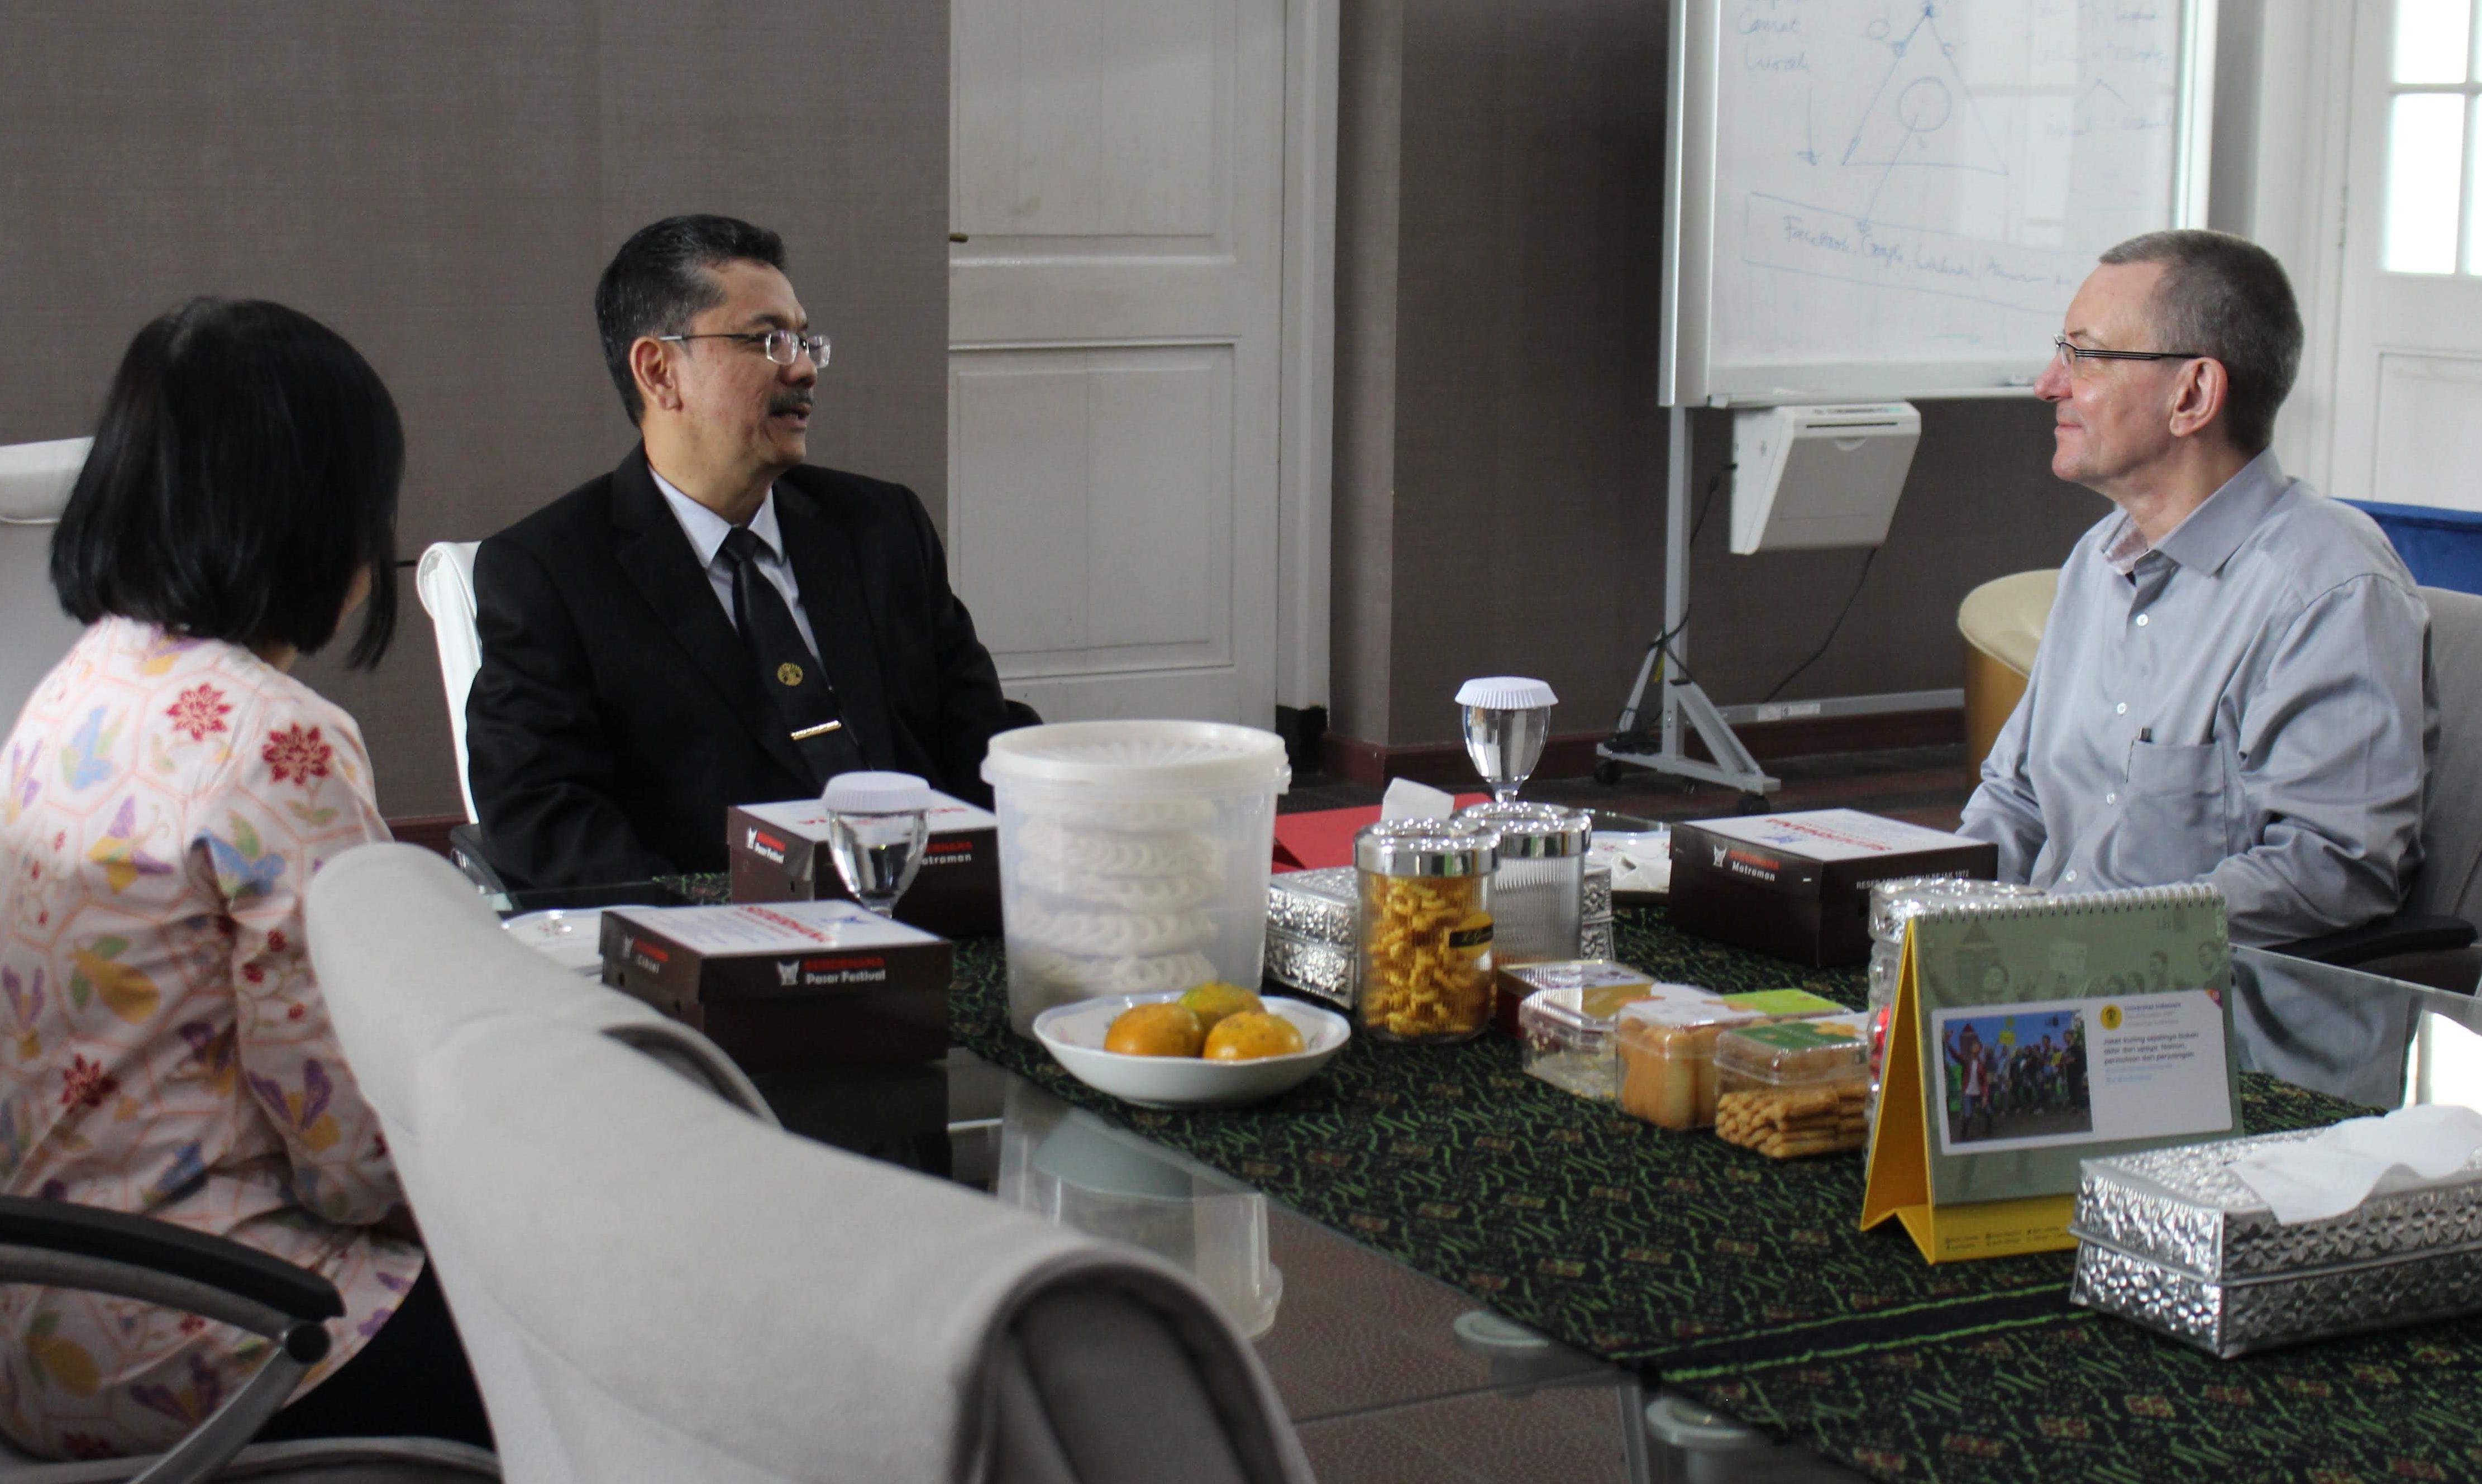 Pertemuann dengan Prof. Magert dan dr. Ina